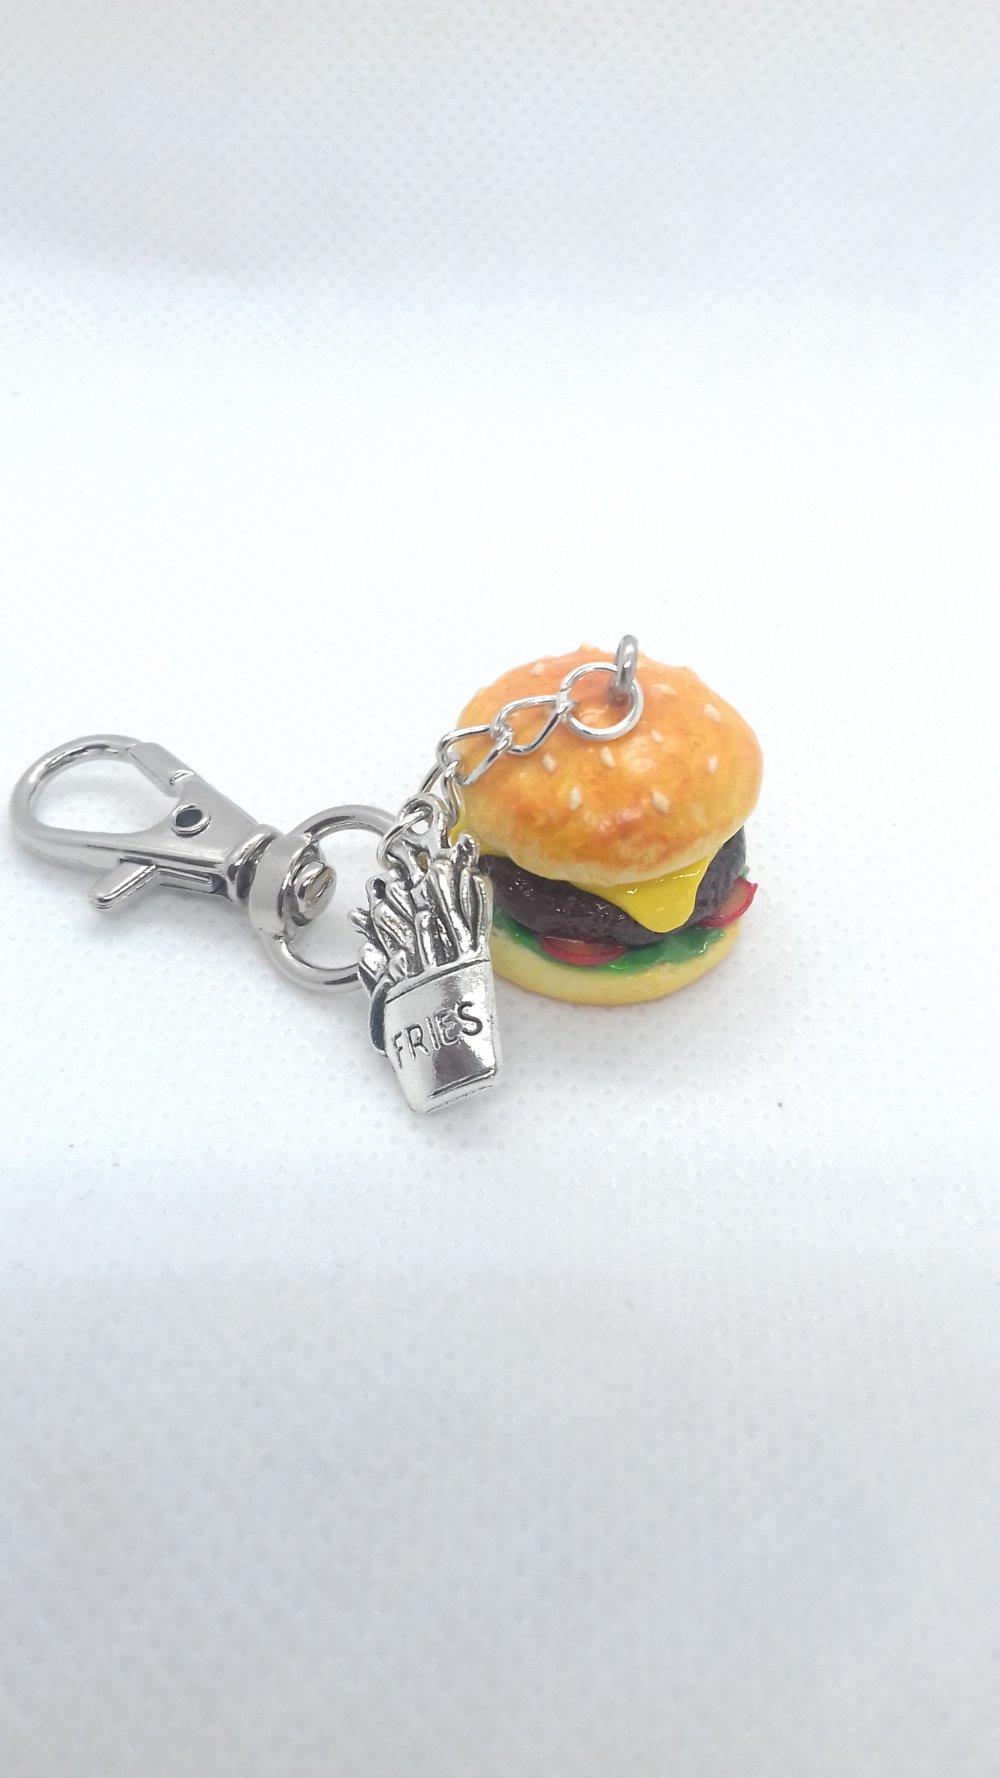 Porte-clés gourmand cheeseburger